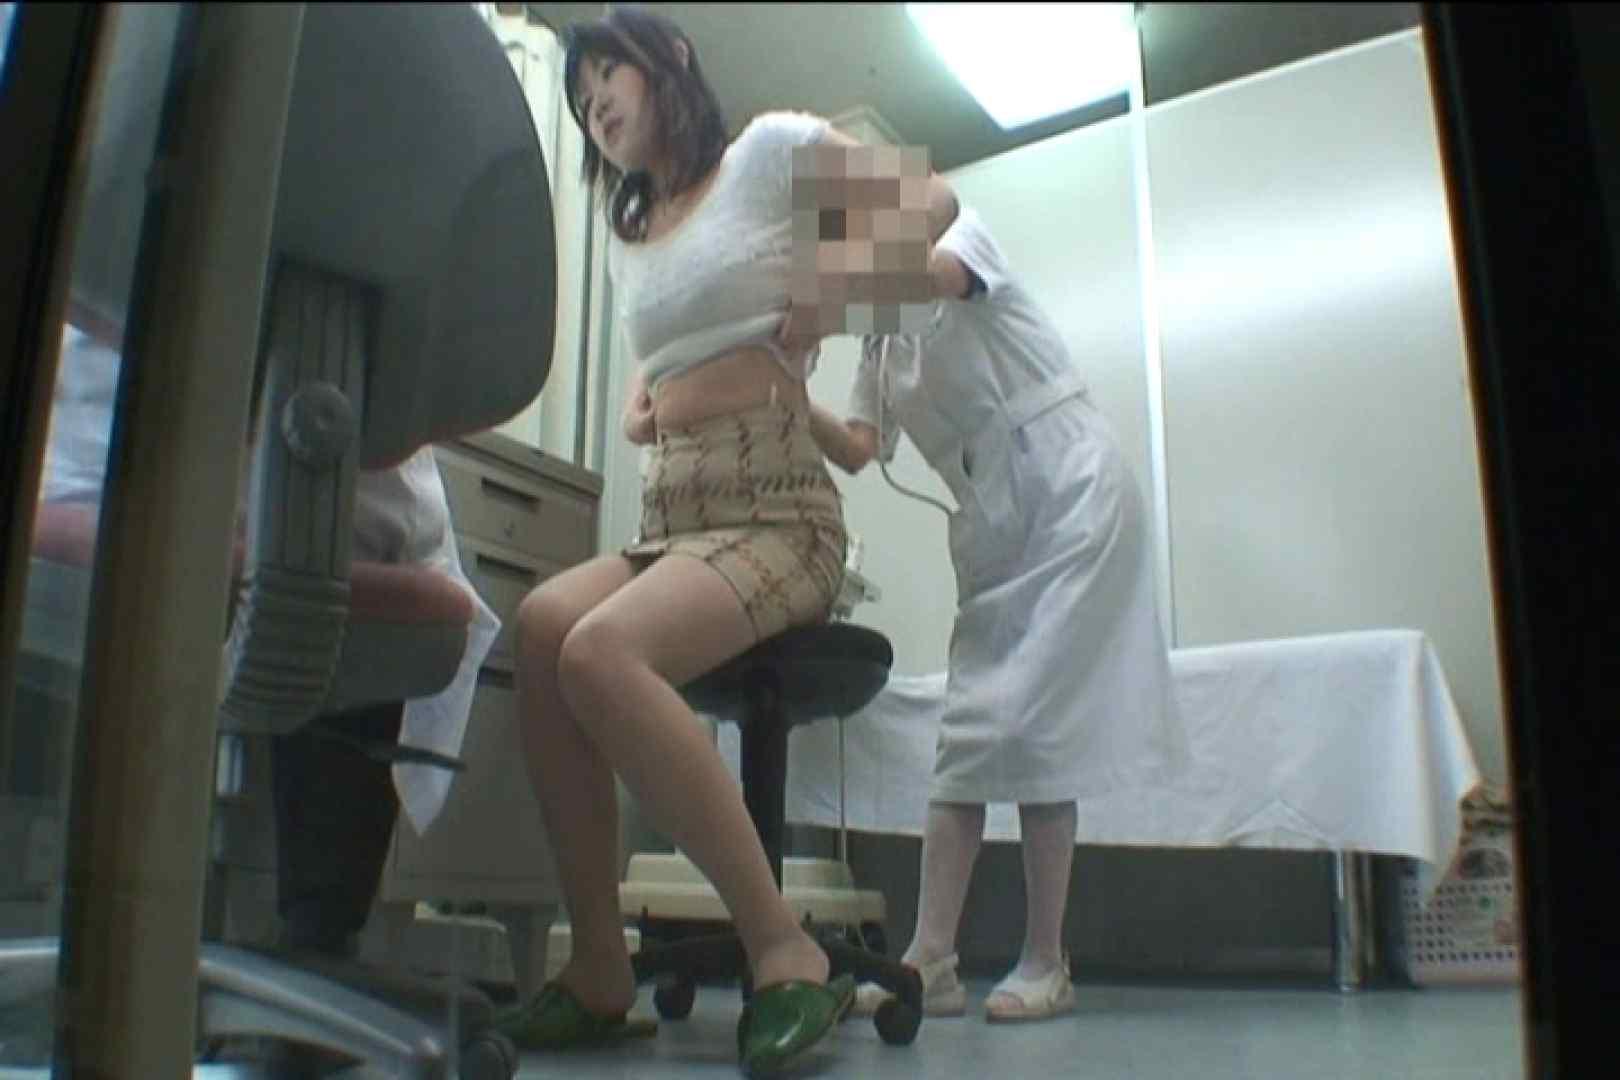 患者のおまんこをコレクションする変態医師の流出映像Vol.4 エロティックなOL アダルト動画キャプチャ 83画像 62